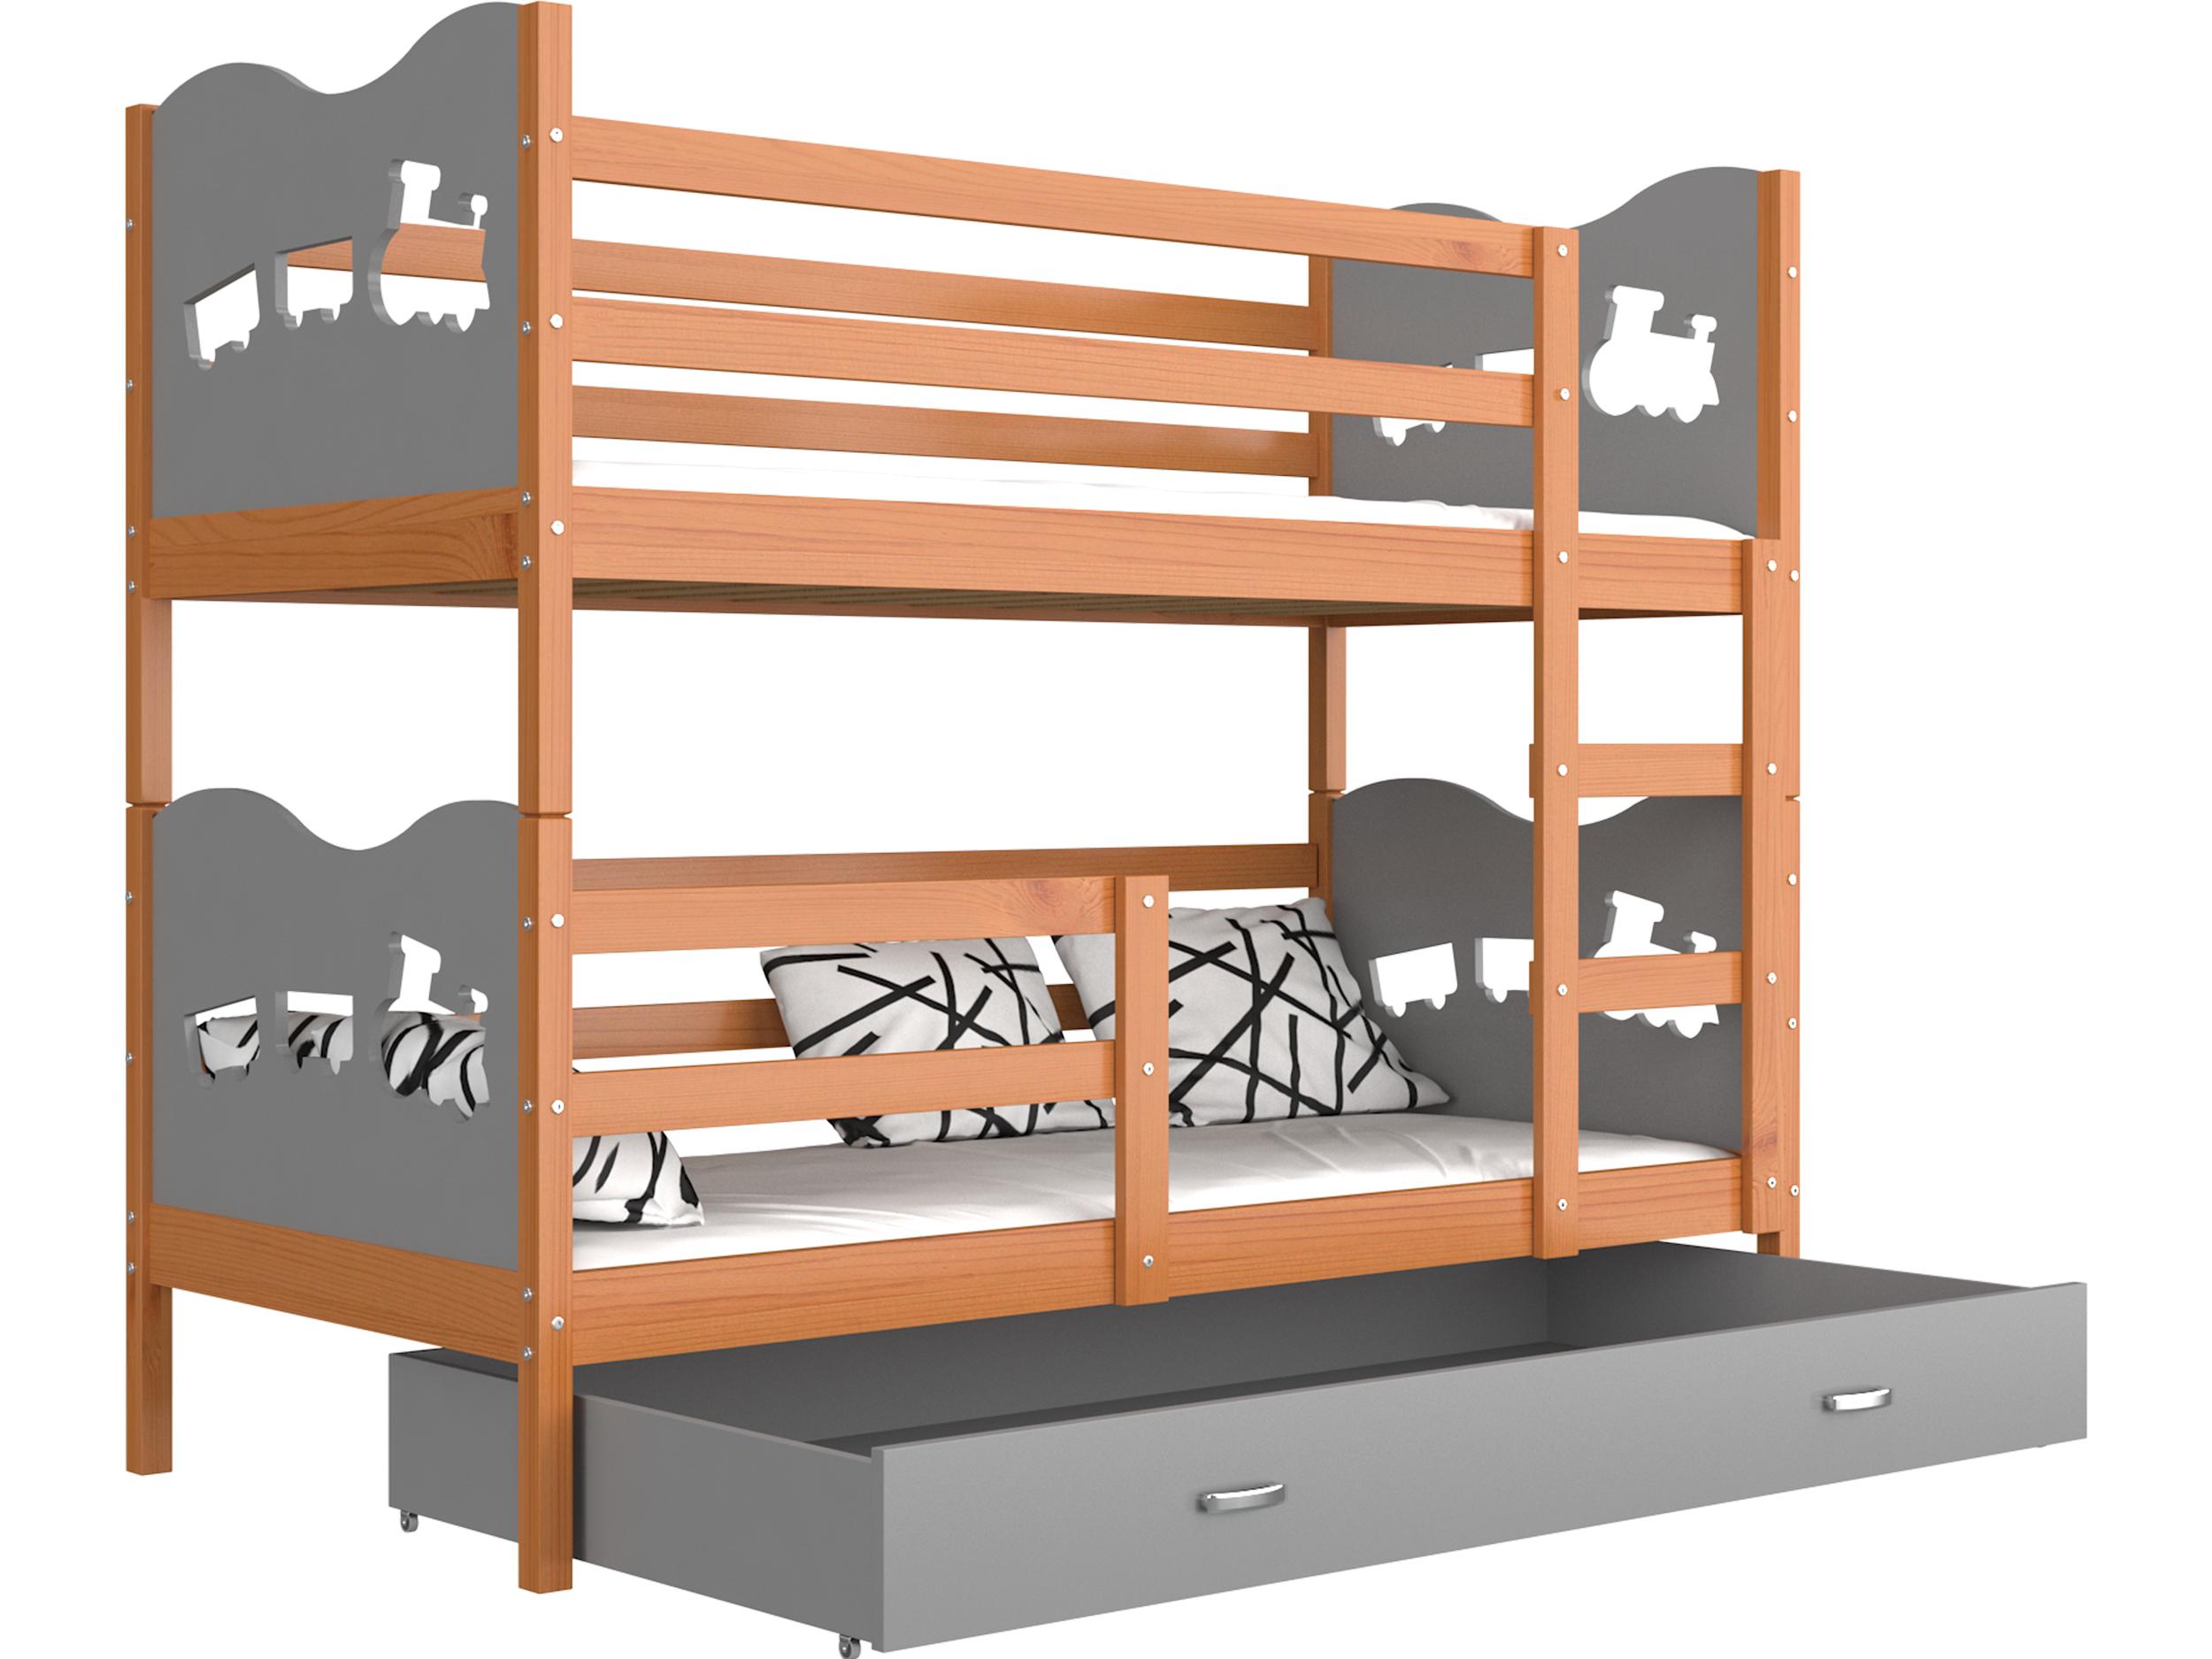 ArtAJ Detská poschodová posteľ MAX drevo / MDF 200 x 90 cm Farba: jelša / sivá 200 x 90 cm, s matracom